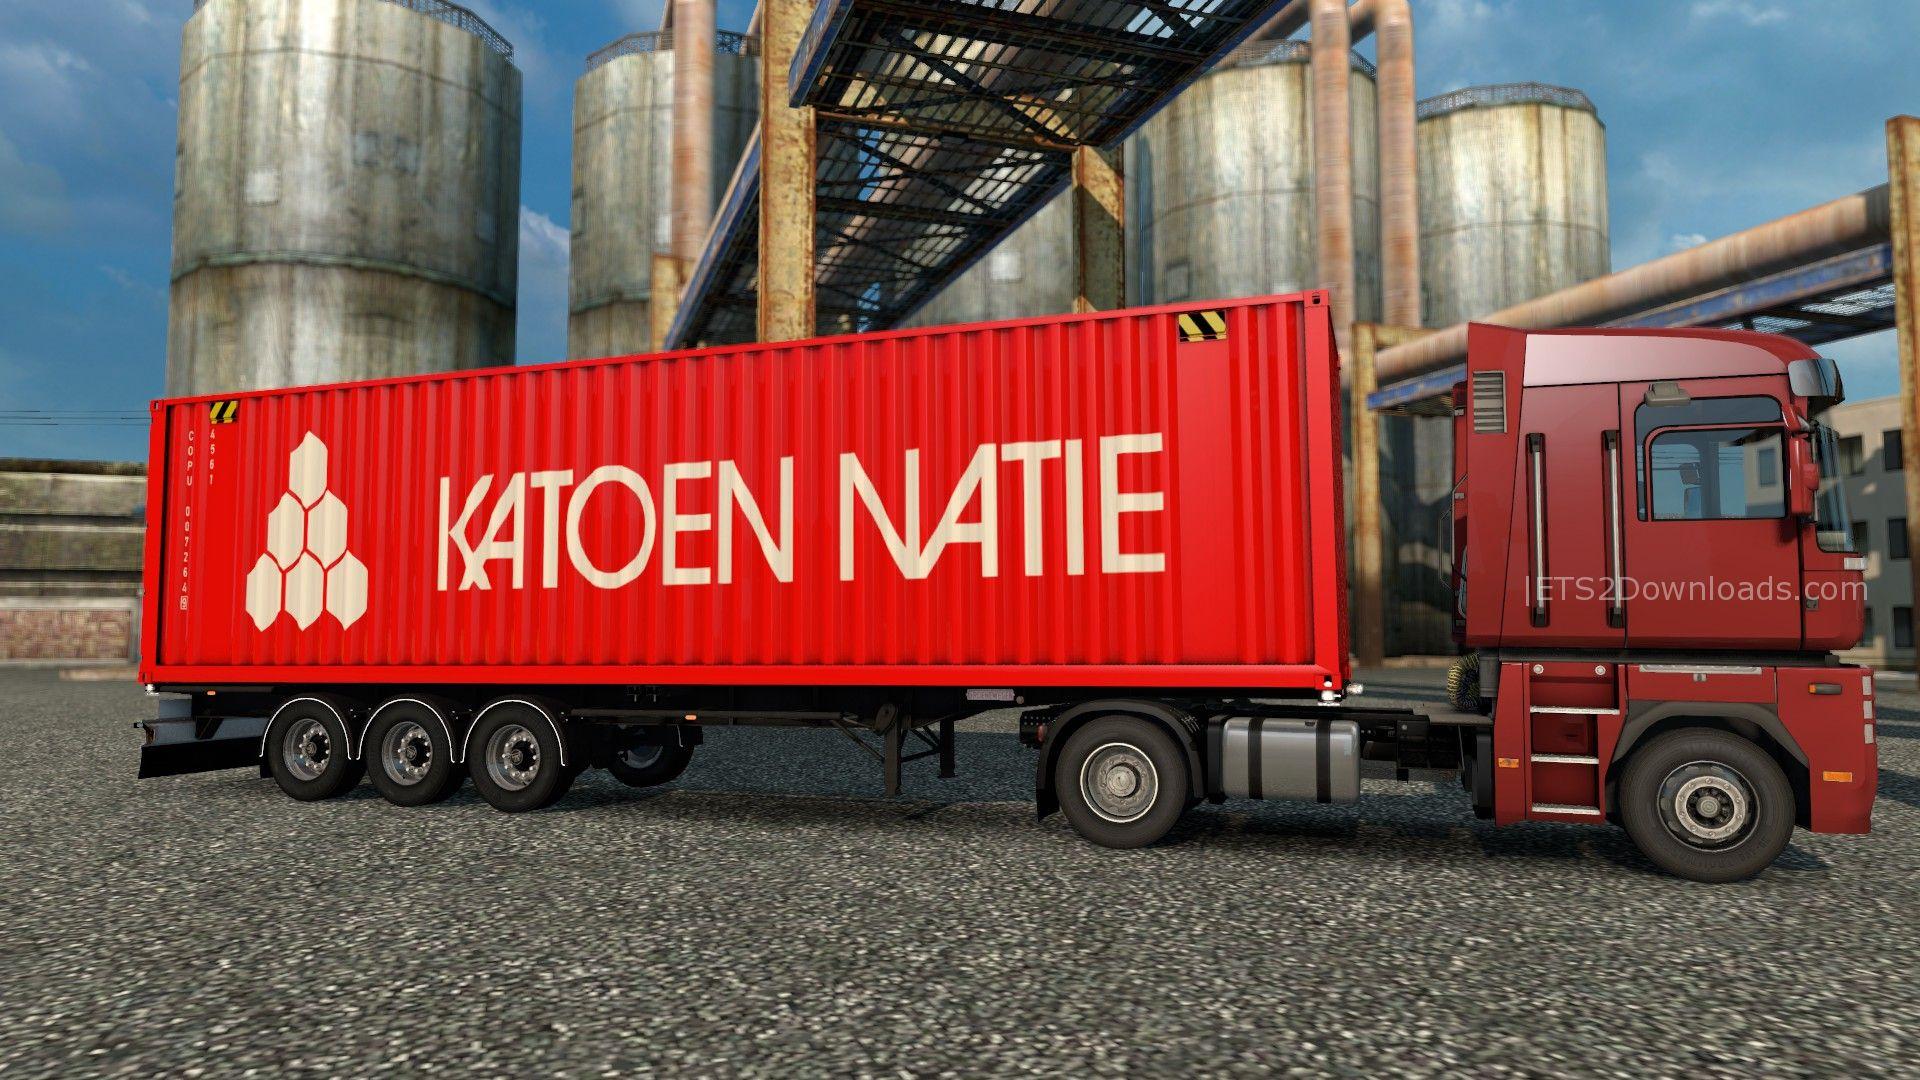 katoen-natie-container-1